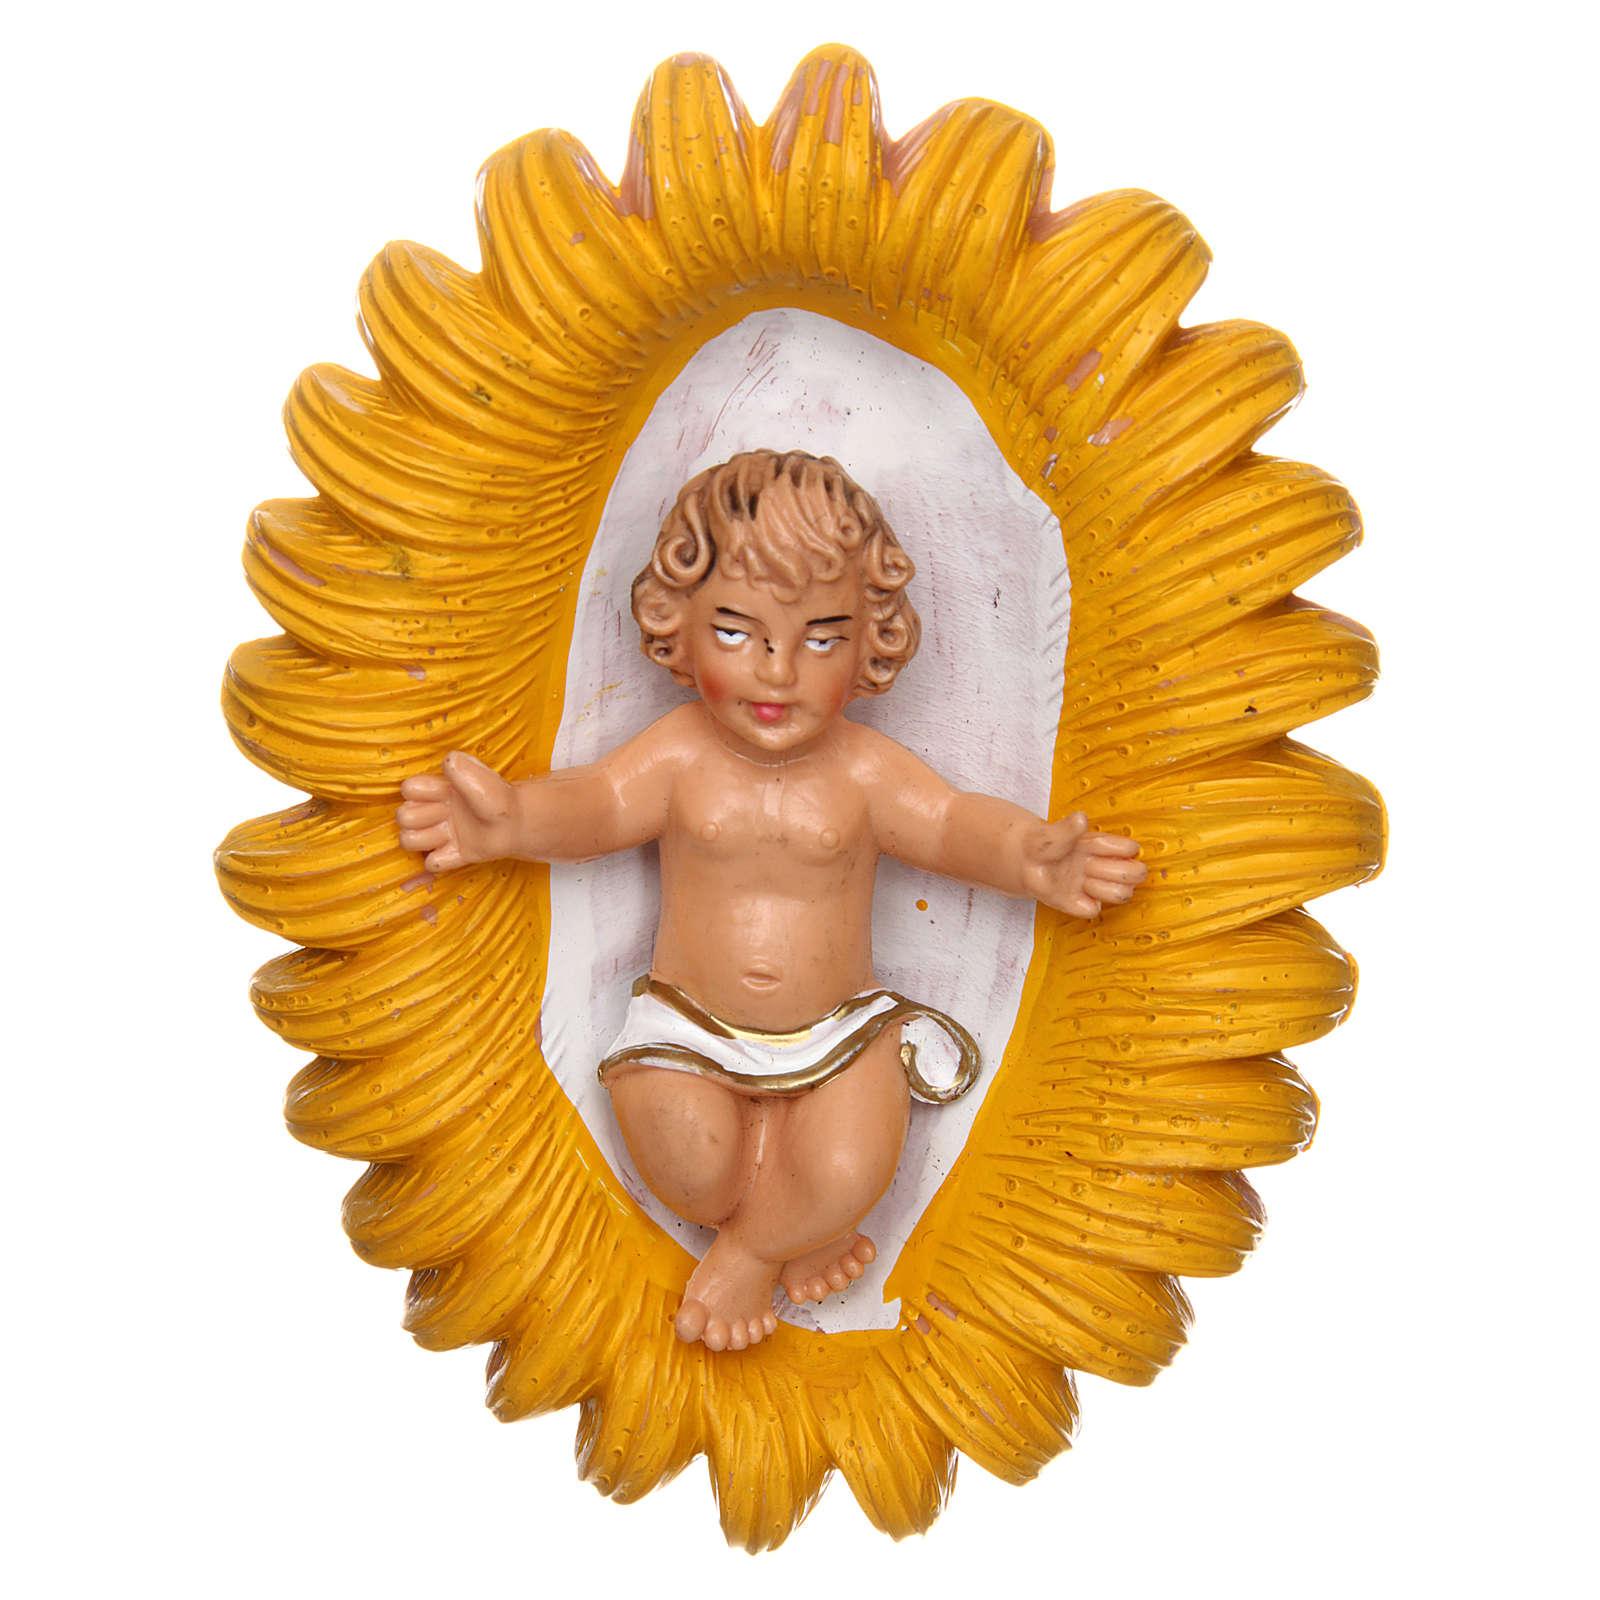 Niño y cuna para belén de 16 cm de altura media 3